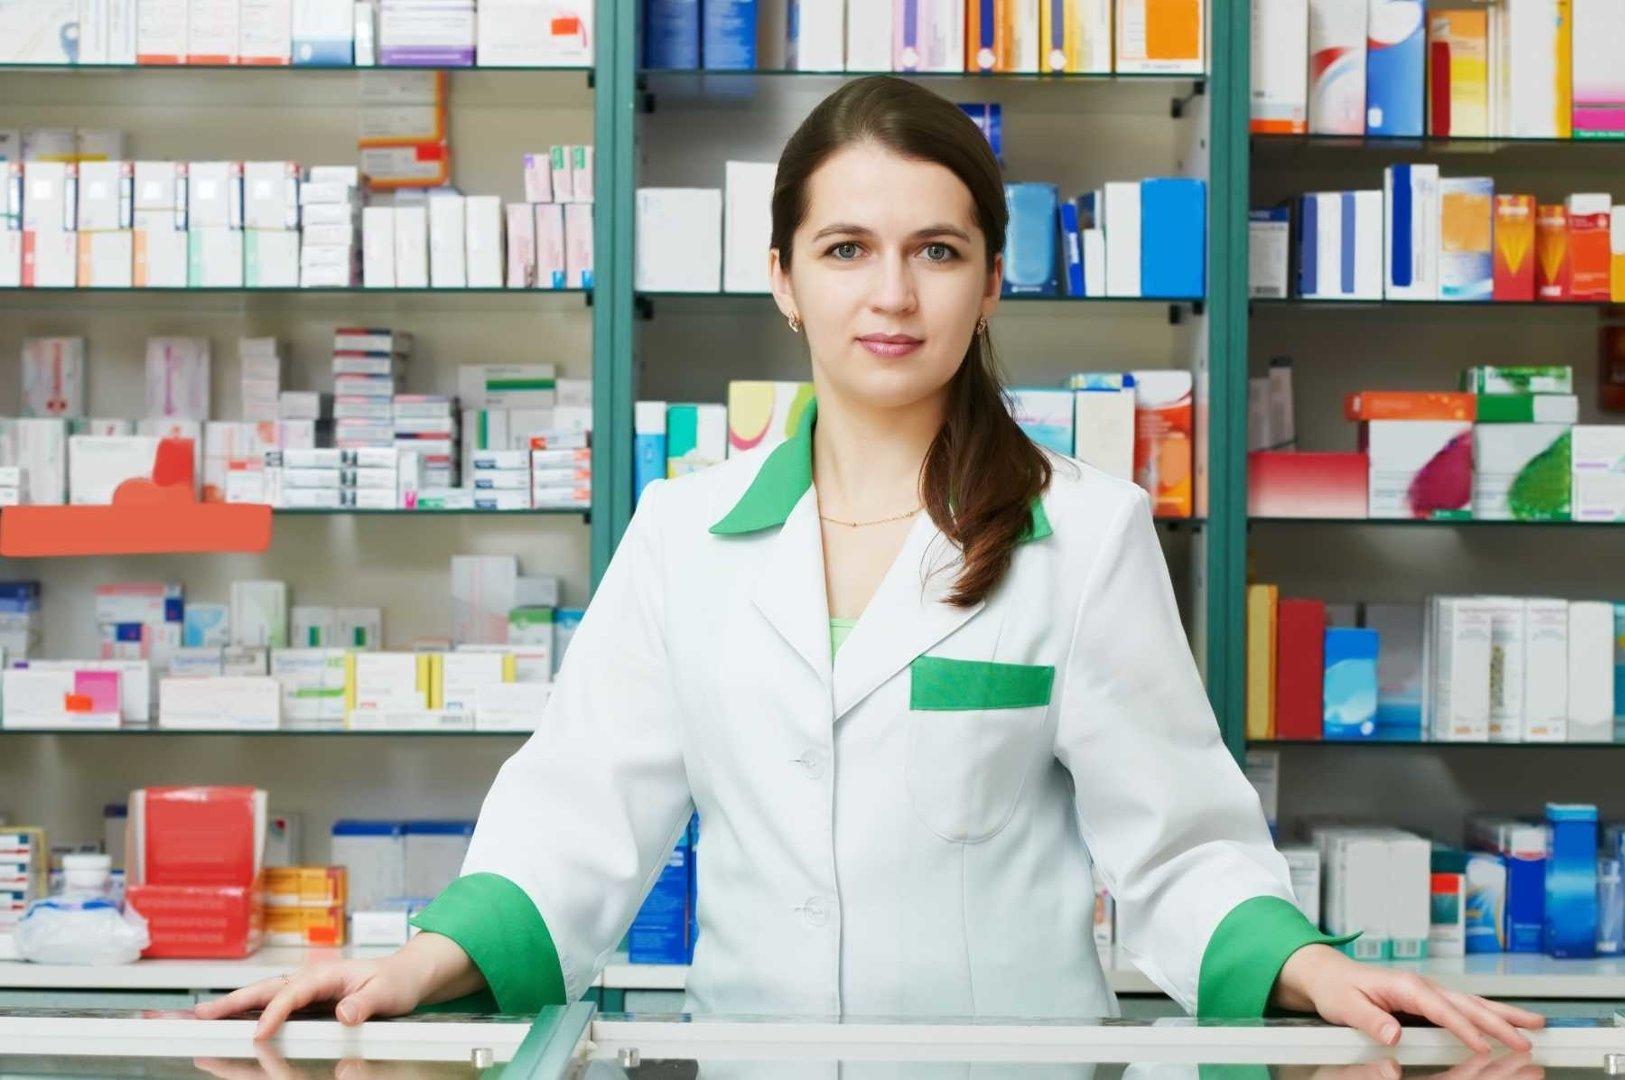 E-recepta 2020 od 8 stycznia. Jak działa, jak zrealizować e-receptę i ile jest ważna? Profil zaufany do konta pacjenta [13.01.2020]   Nowa Trybuna Opolska